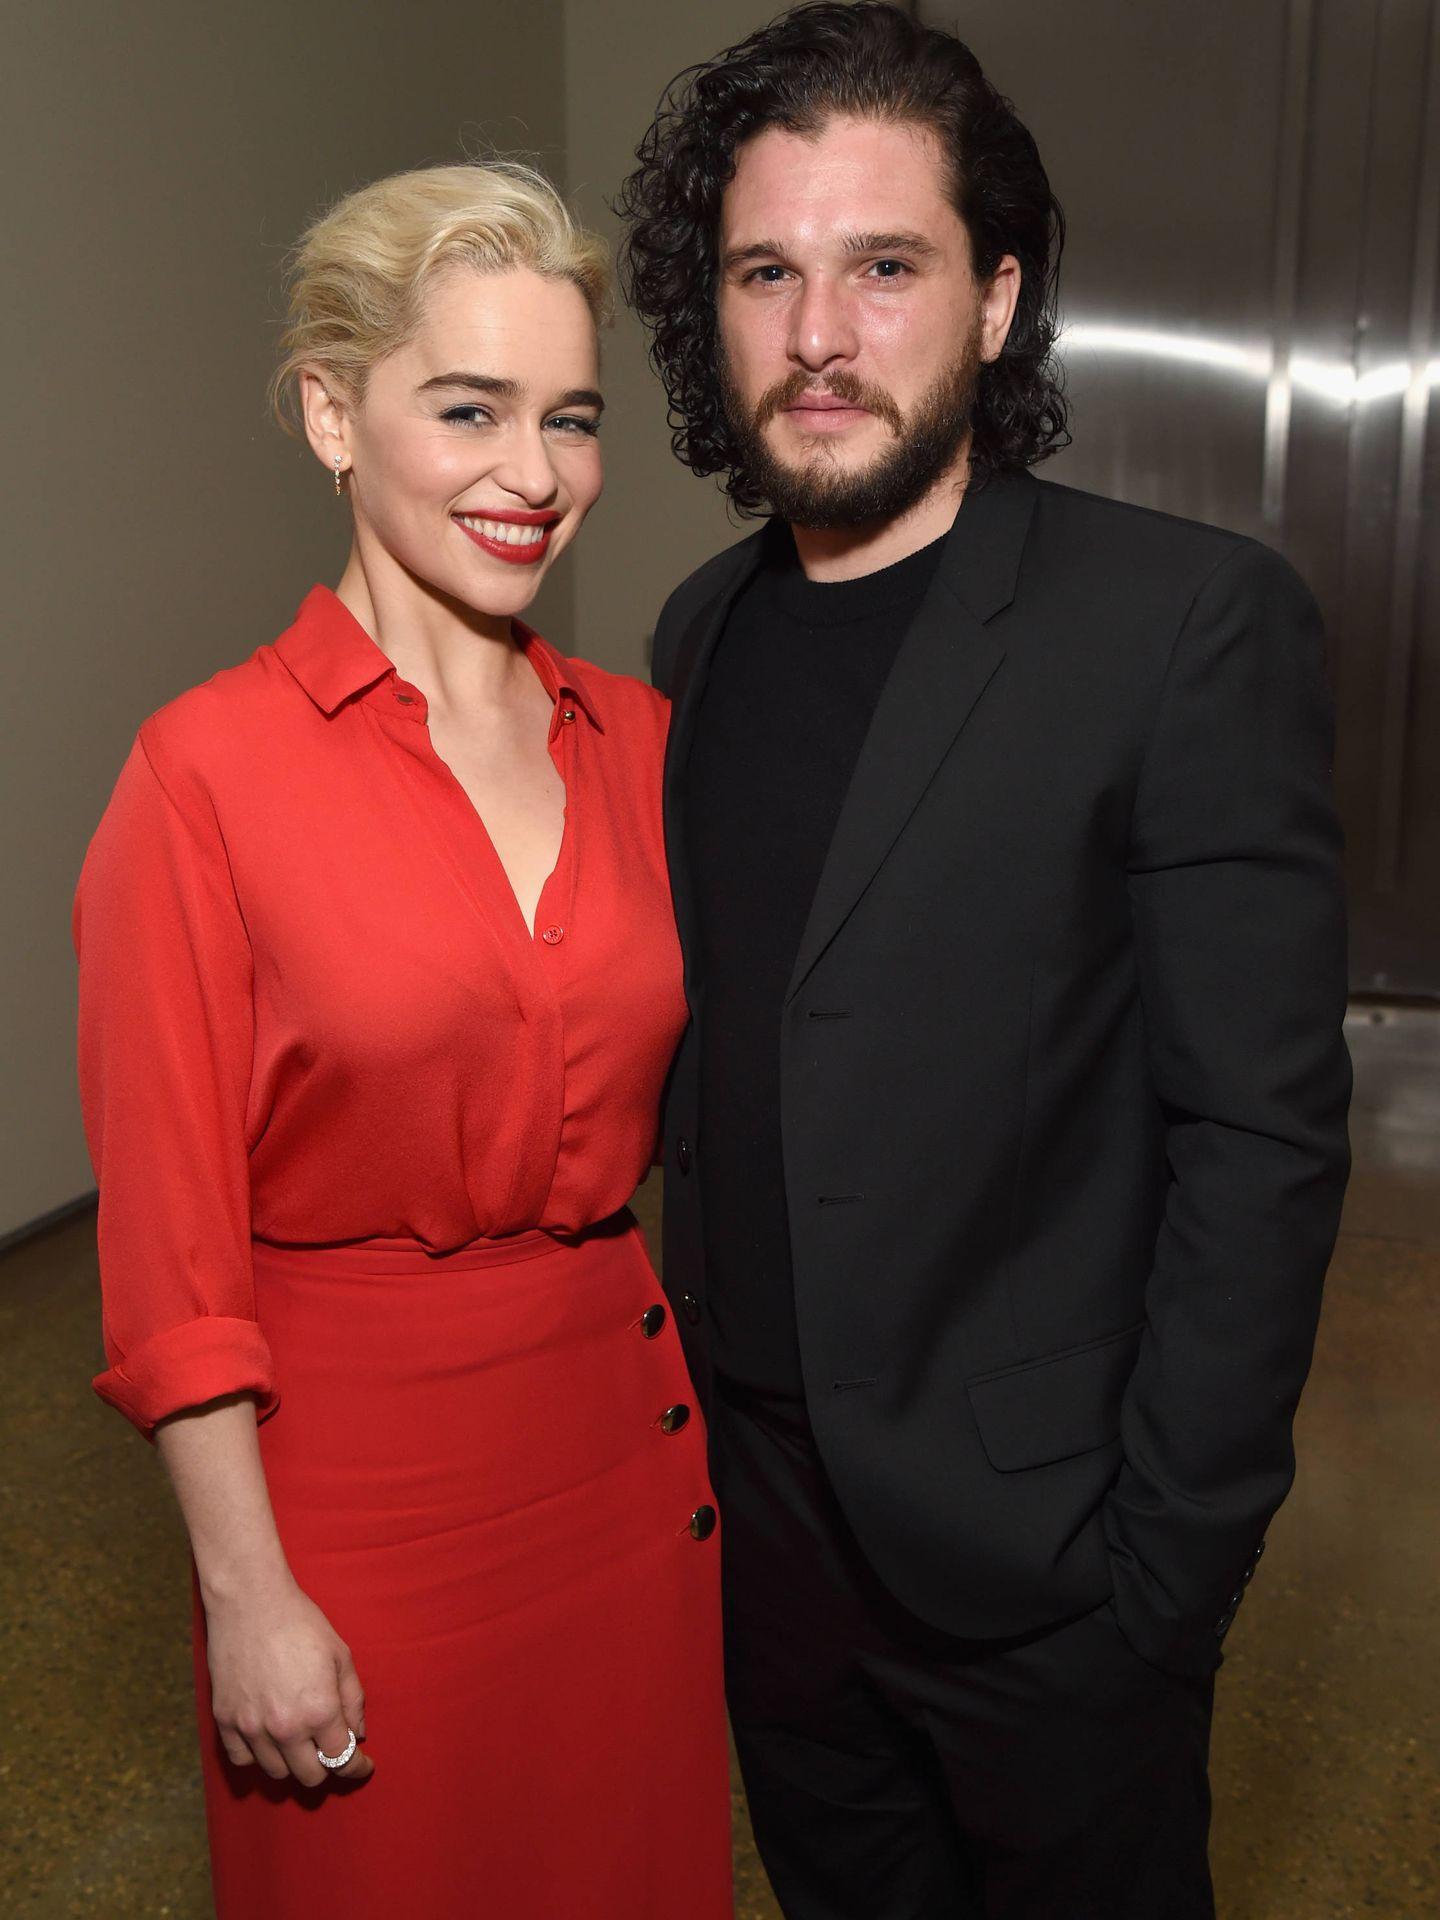 La actriz junto a su 'love interest' en la serie, Kit Harington (Jon Nieve). (Getty)